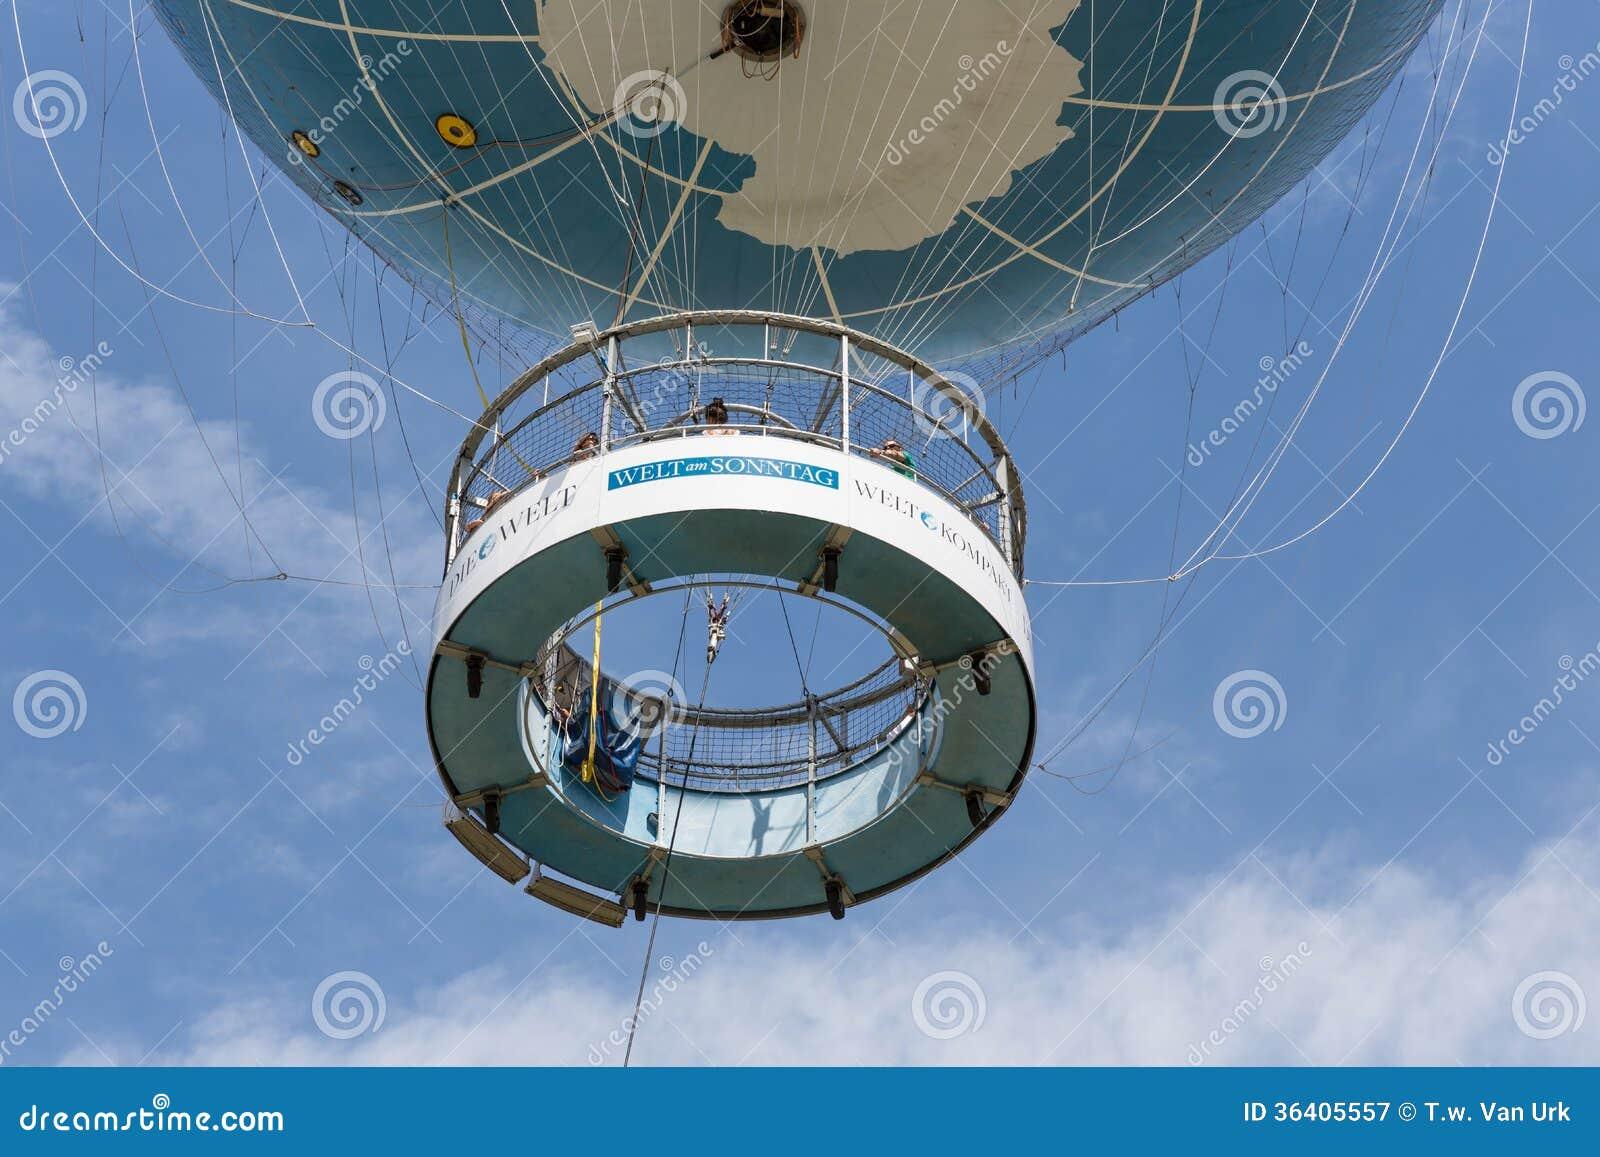 Der Borten-Ballon ist ein Heißluftballon, der Touristen 150 Meter in die Luft über Berlin nimmt